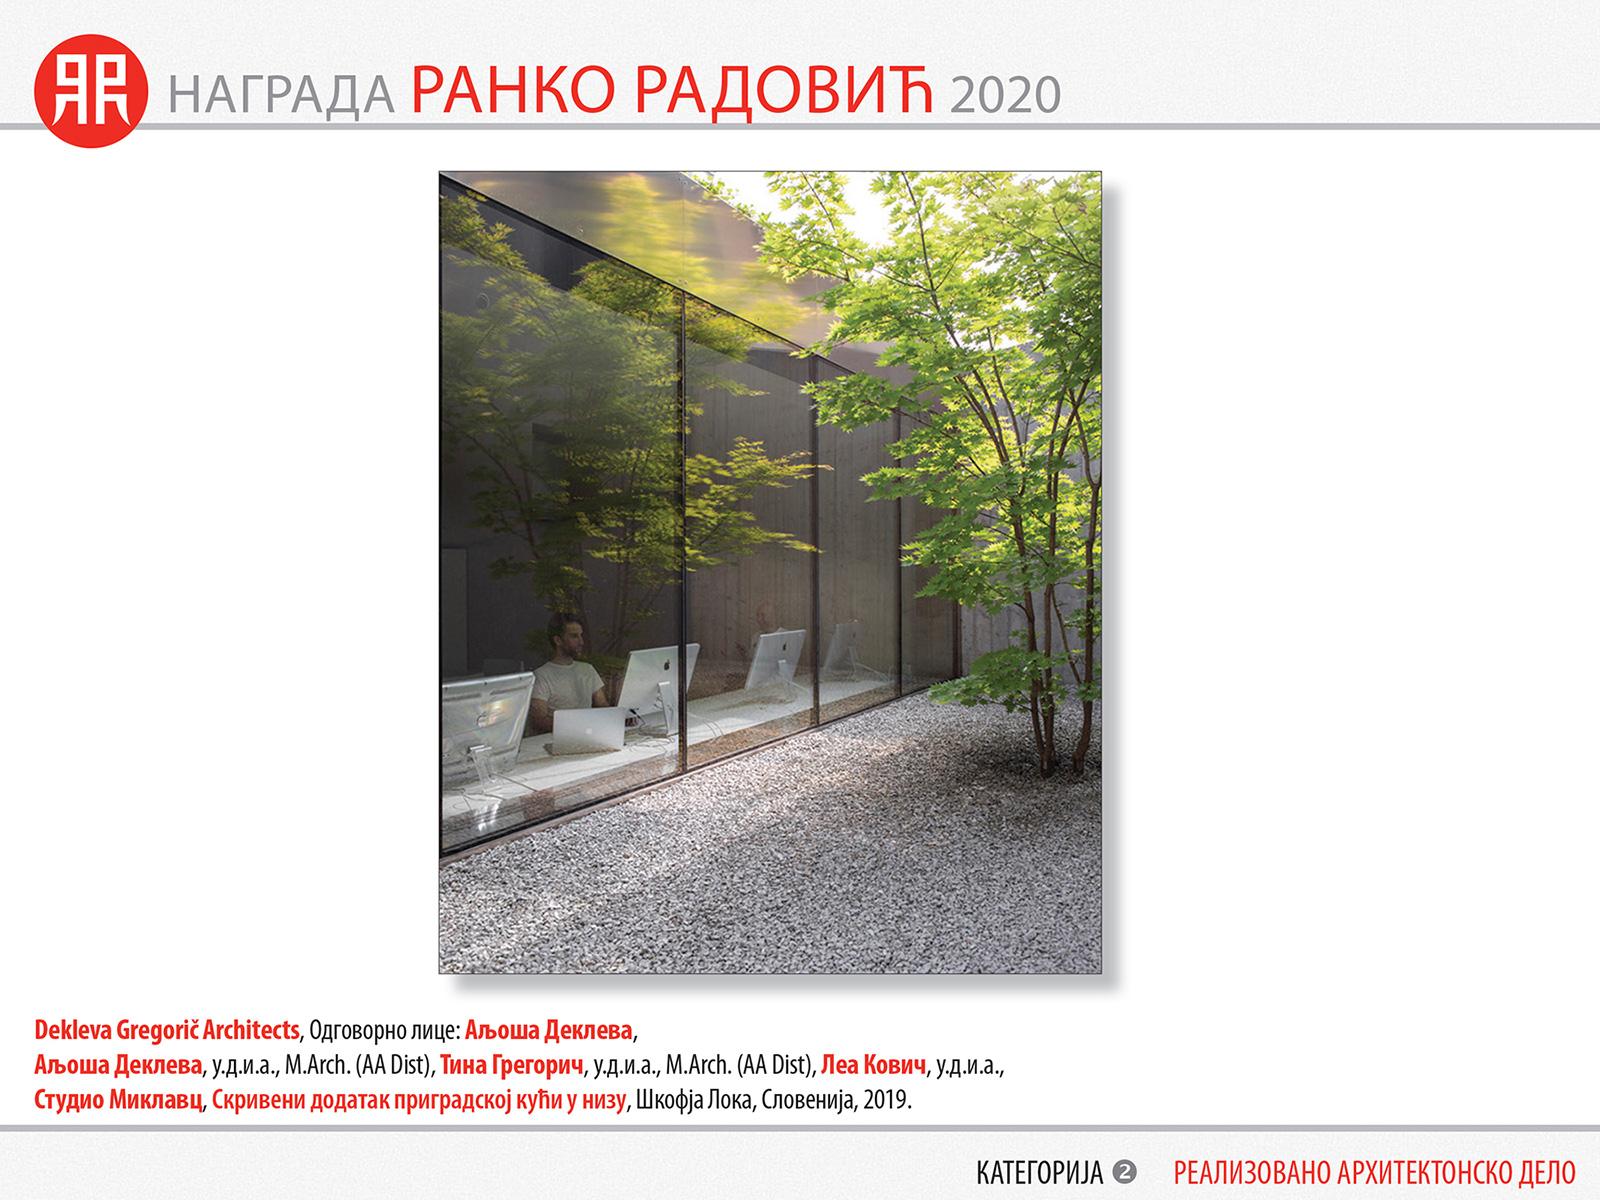 RR20 Nagrada Kat 2-vh